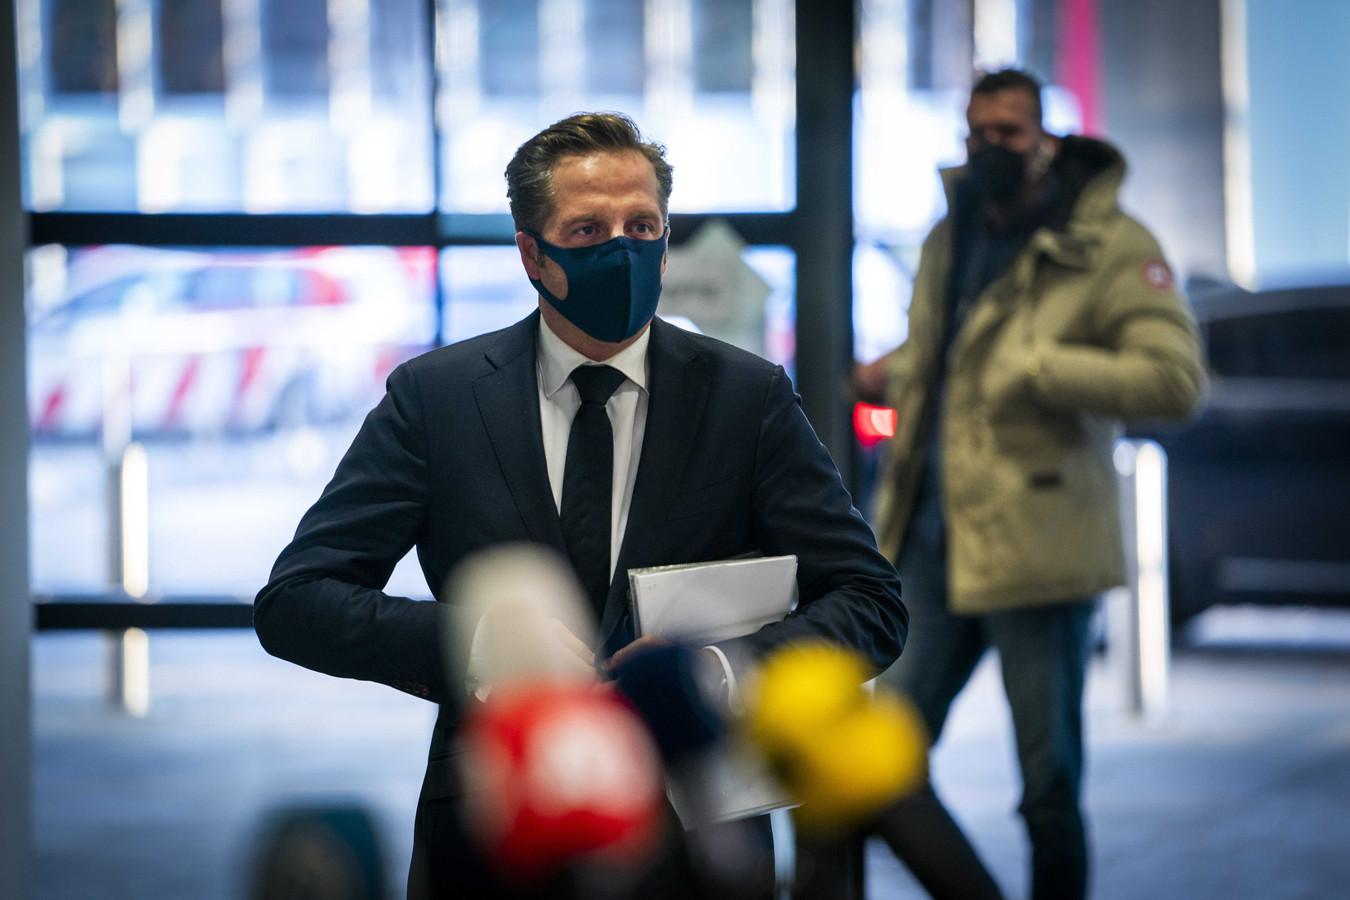 Demissionair minister Hugo de Jonge (Volksgezondheid) arriveert voor het Veiligheidsberaad.